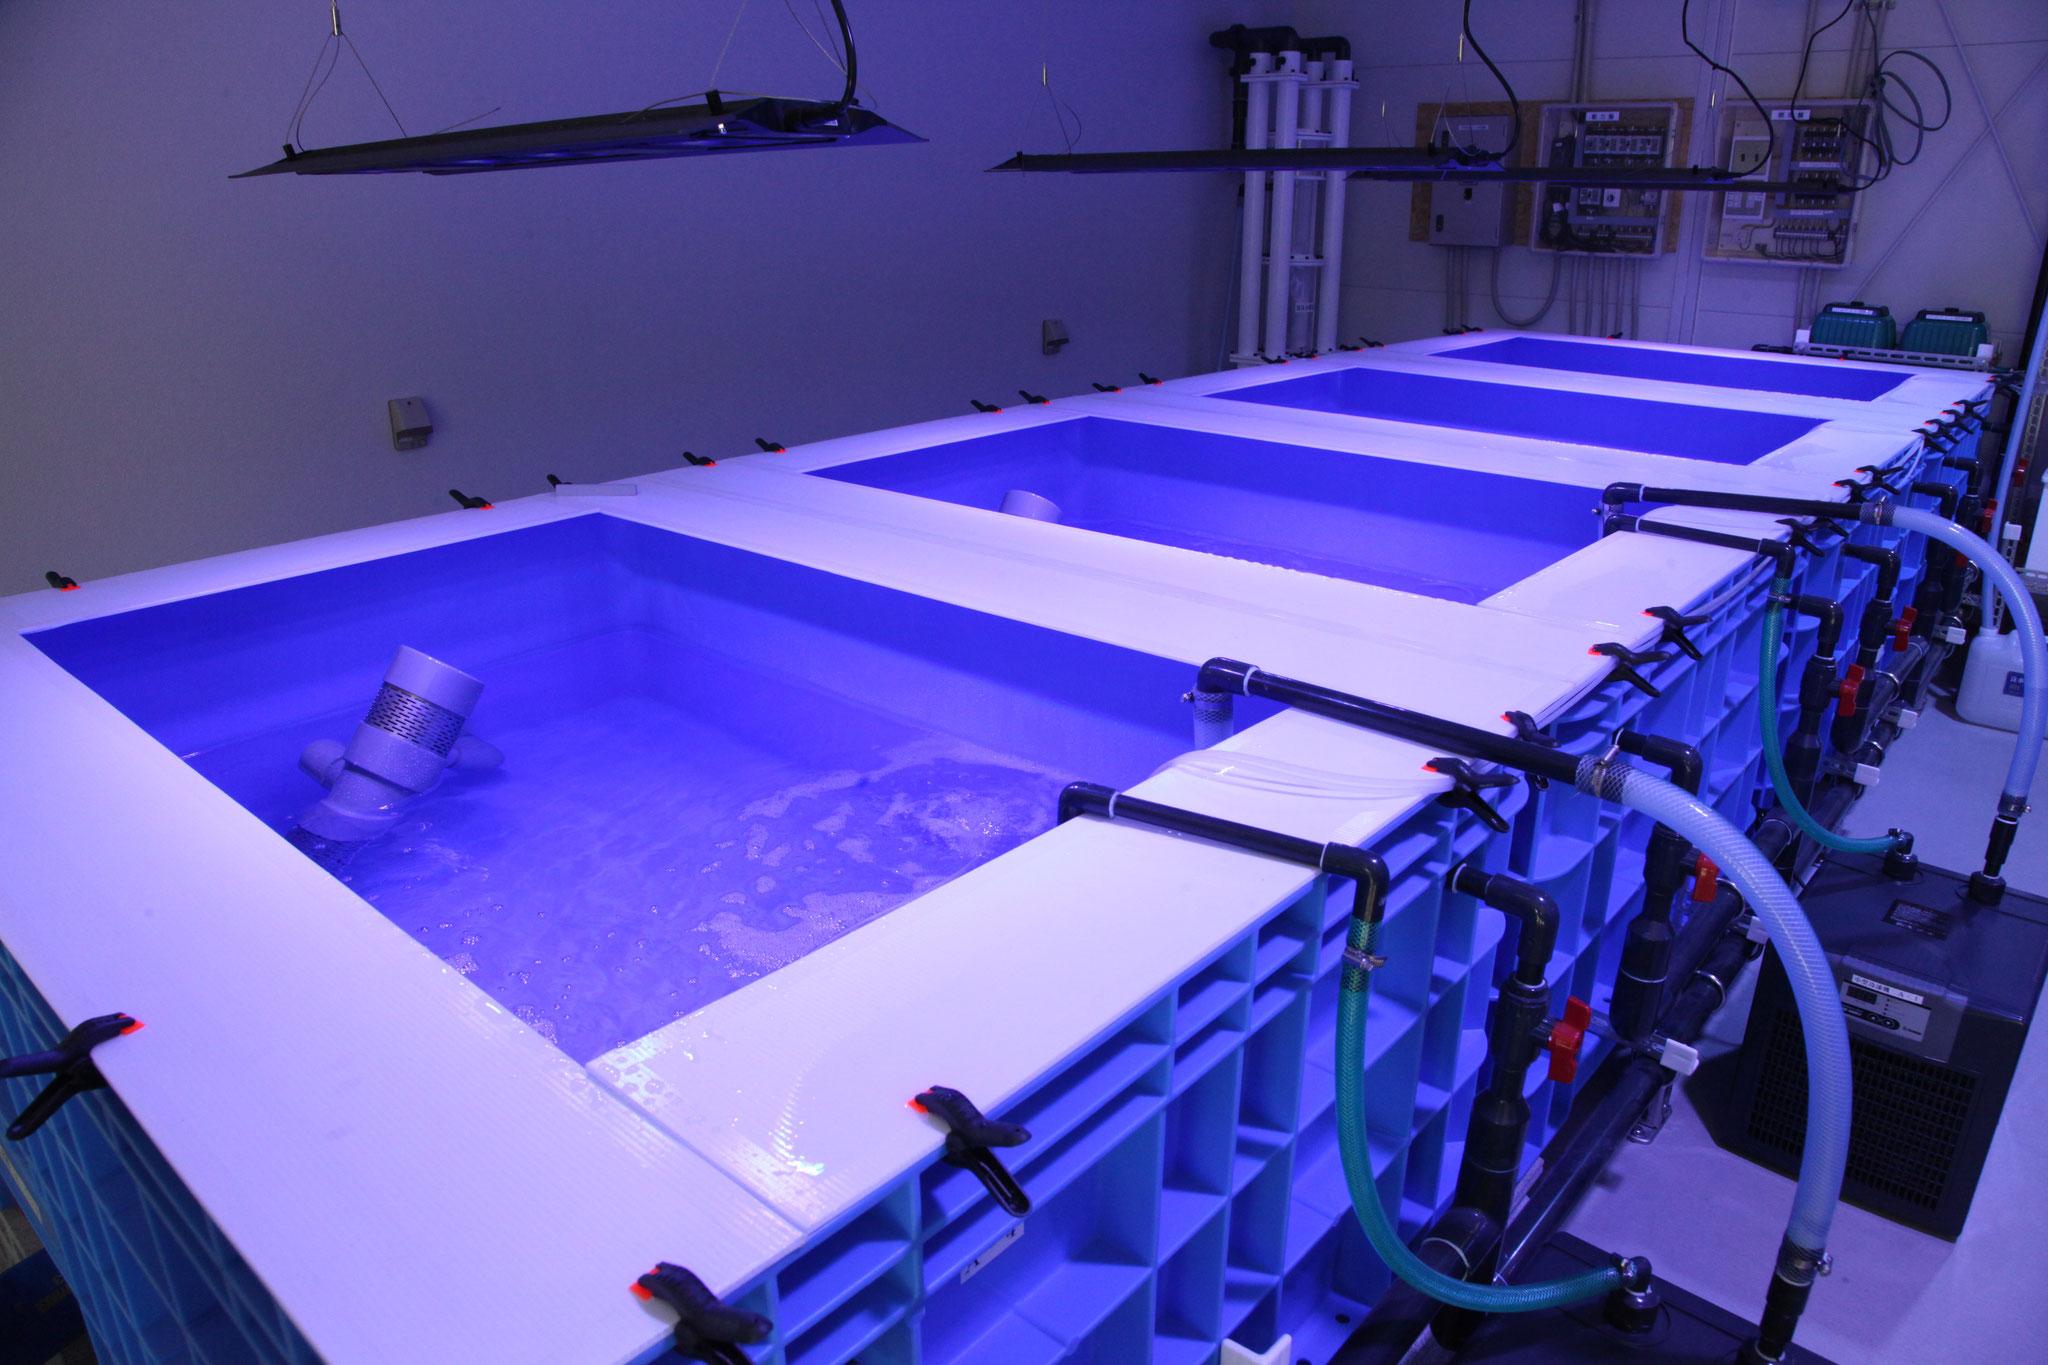 この規模で有用性の高い実験水槽は他の大学にはありません.